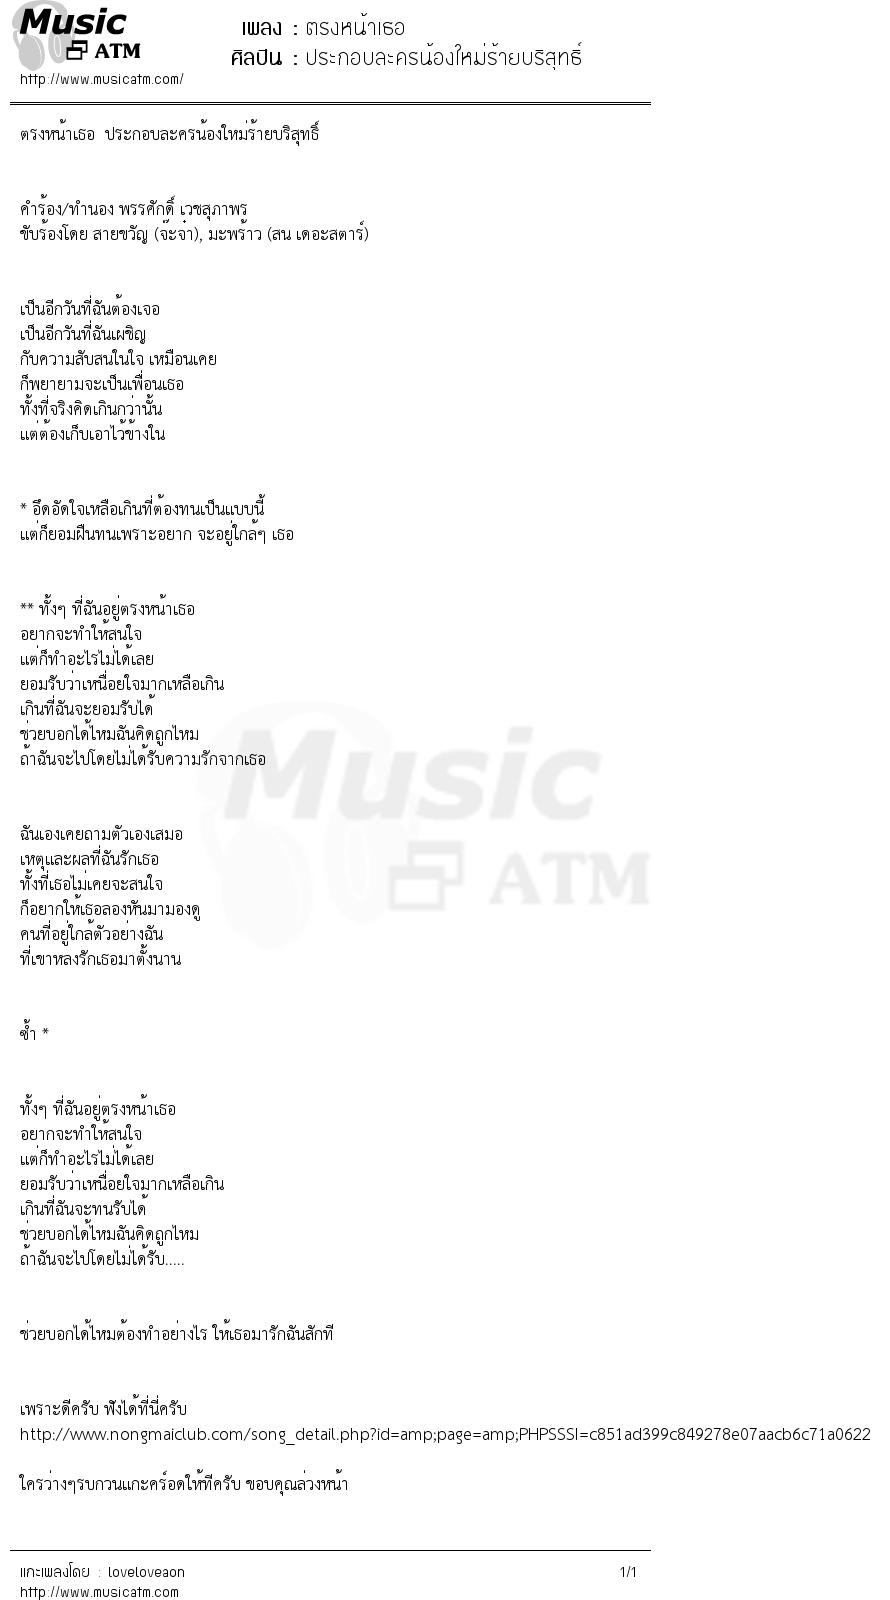 เนื้อเพลง ตรงหน้าเธอ - ประกอบละครน้องใหม่ร้ายบริสุทธิ์ | Popasia.net | เพลงไทย